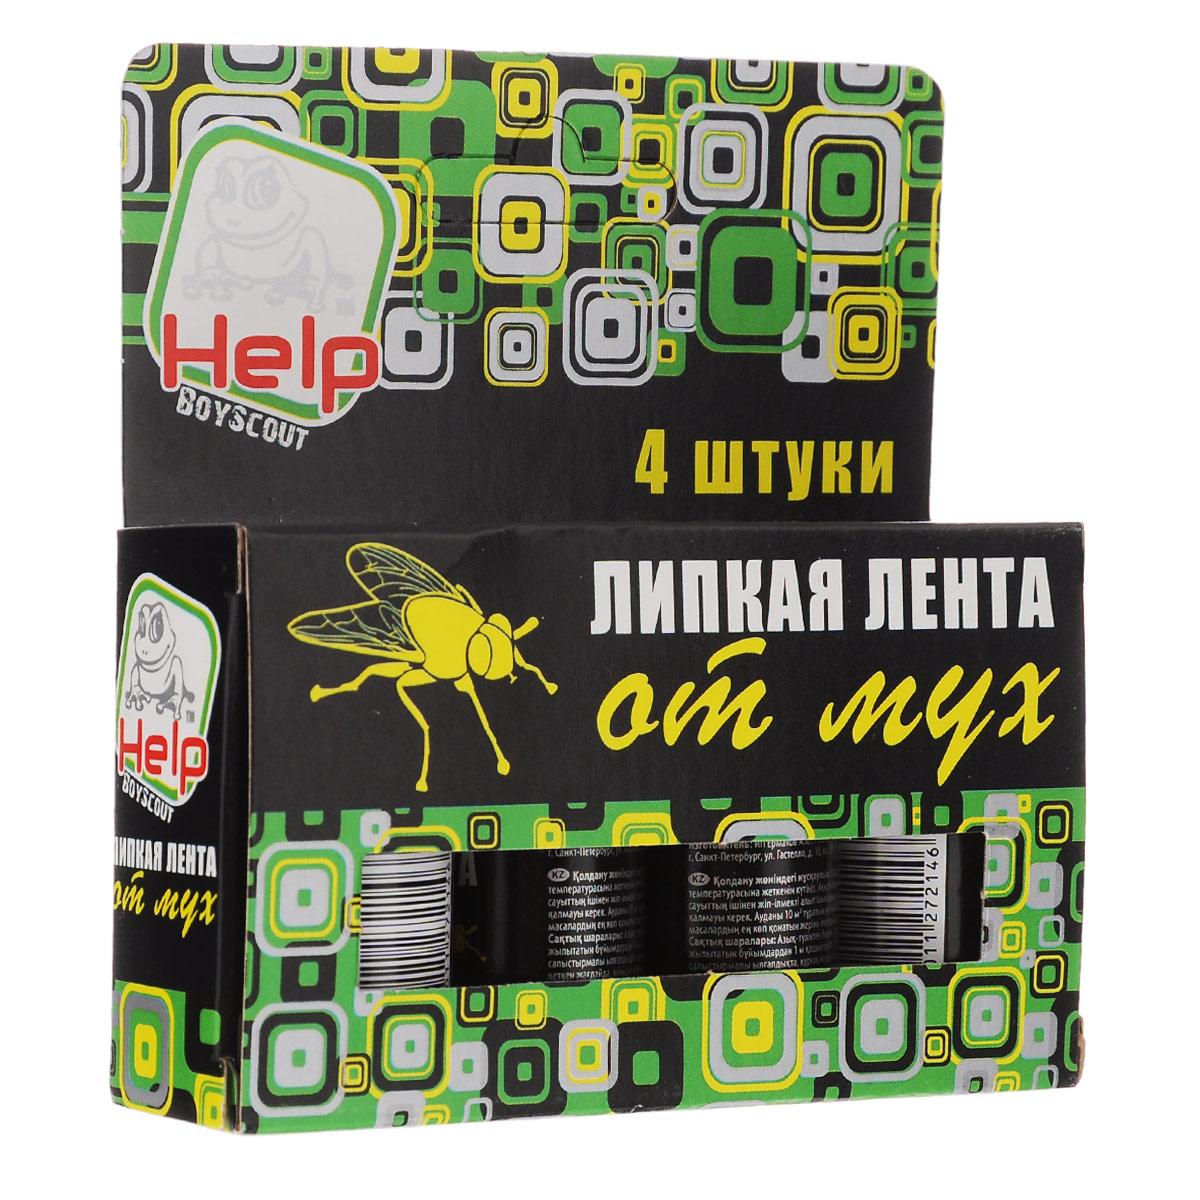 Липкая лента от мух BoyScout Help, 4 шт80241Липкая лента от мух BoyScout Help - это удобное и простое в использовании средство, которое надежно защитит вас и вашу семью от мух в закрытом помещении или значительно снизит их количество на открытом воздухе. Специальный аттрактант является привлекательной приманкой для мух, что делает липкие ленты Help наиболее эффективными. Не содержит веществ, опасных для людей и домашних животных. Для помещения площадью 10 м2 требуется 2-3 липучки.